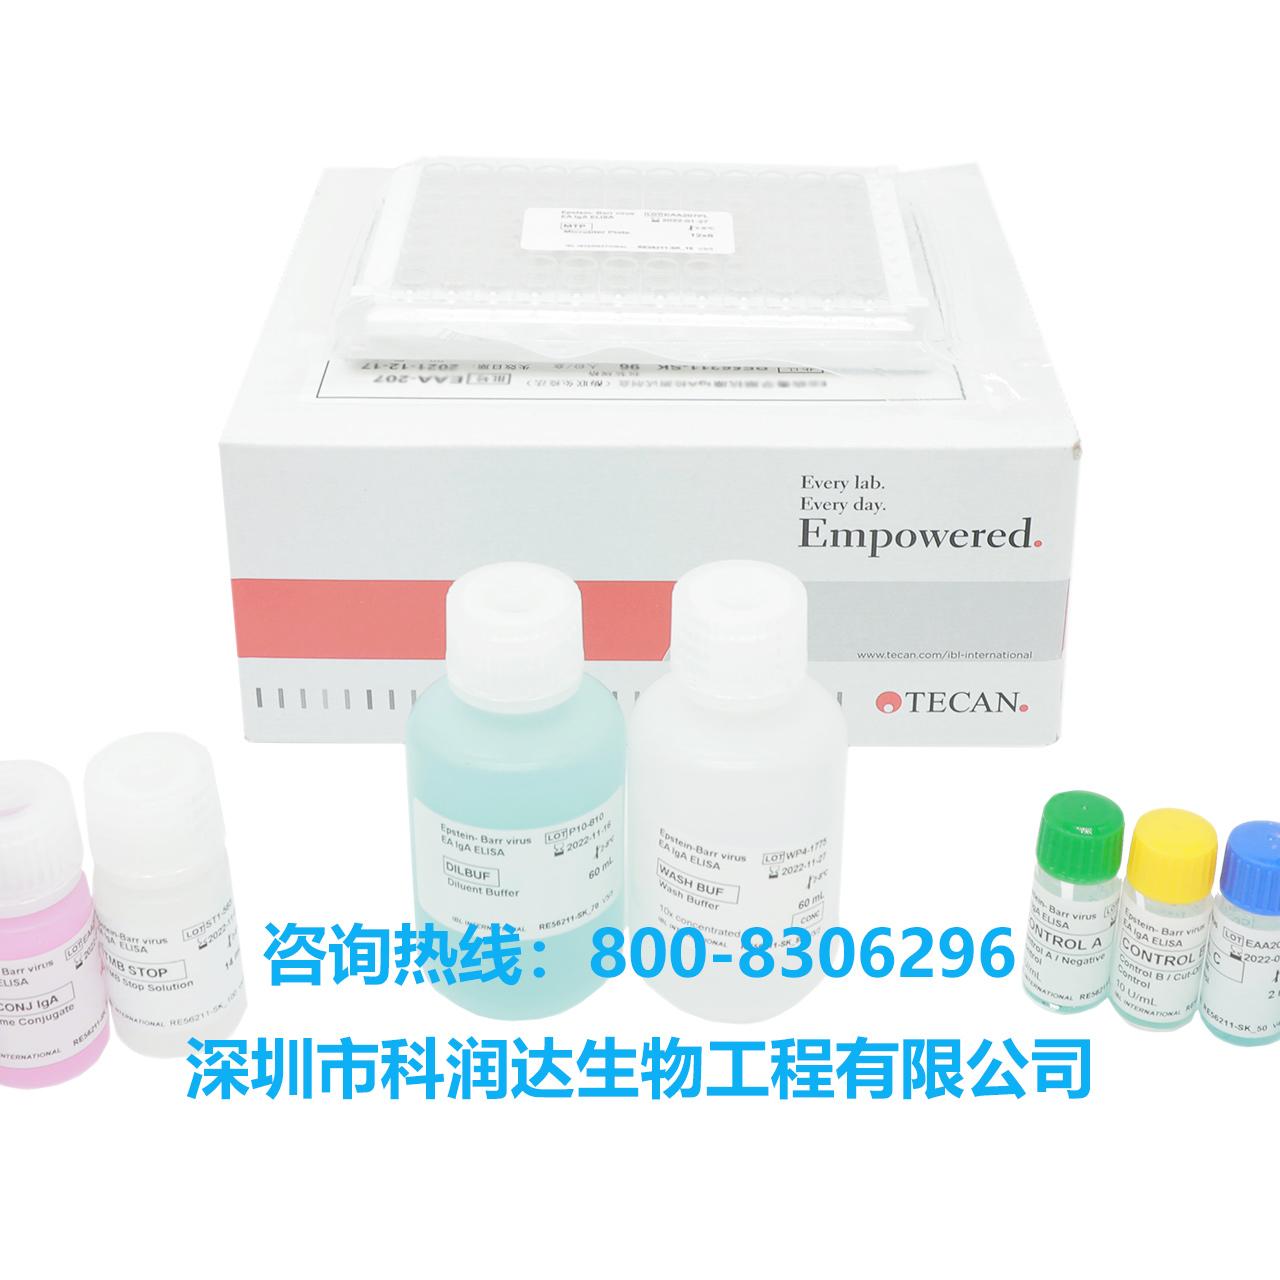 风疹病毒试剂盒